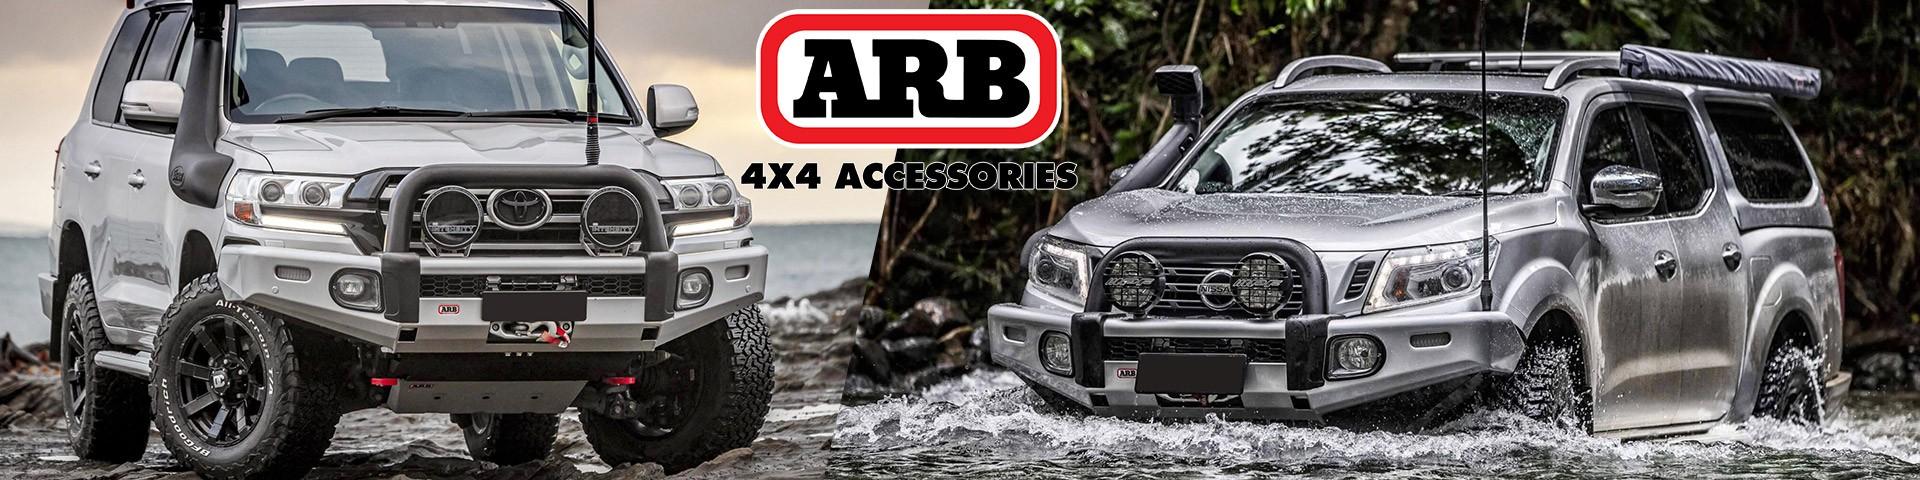 Accessoires4x4, les nouveautées :  ARB Accessoires